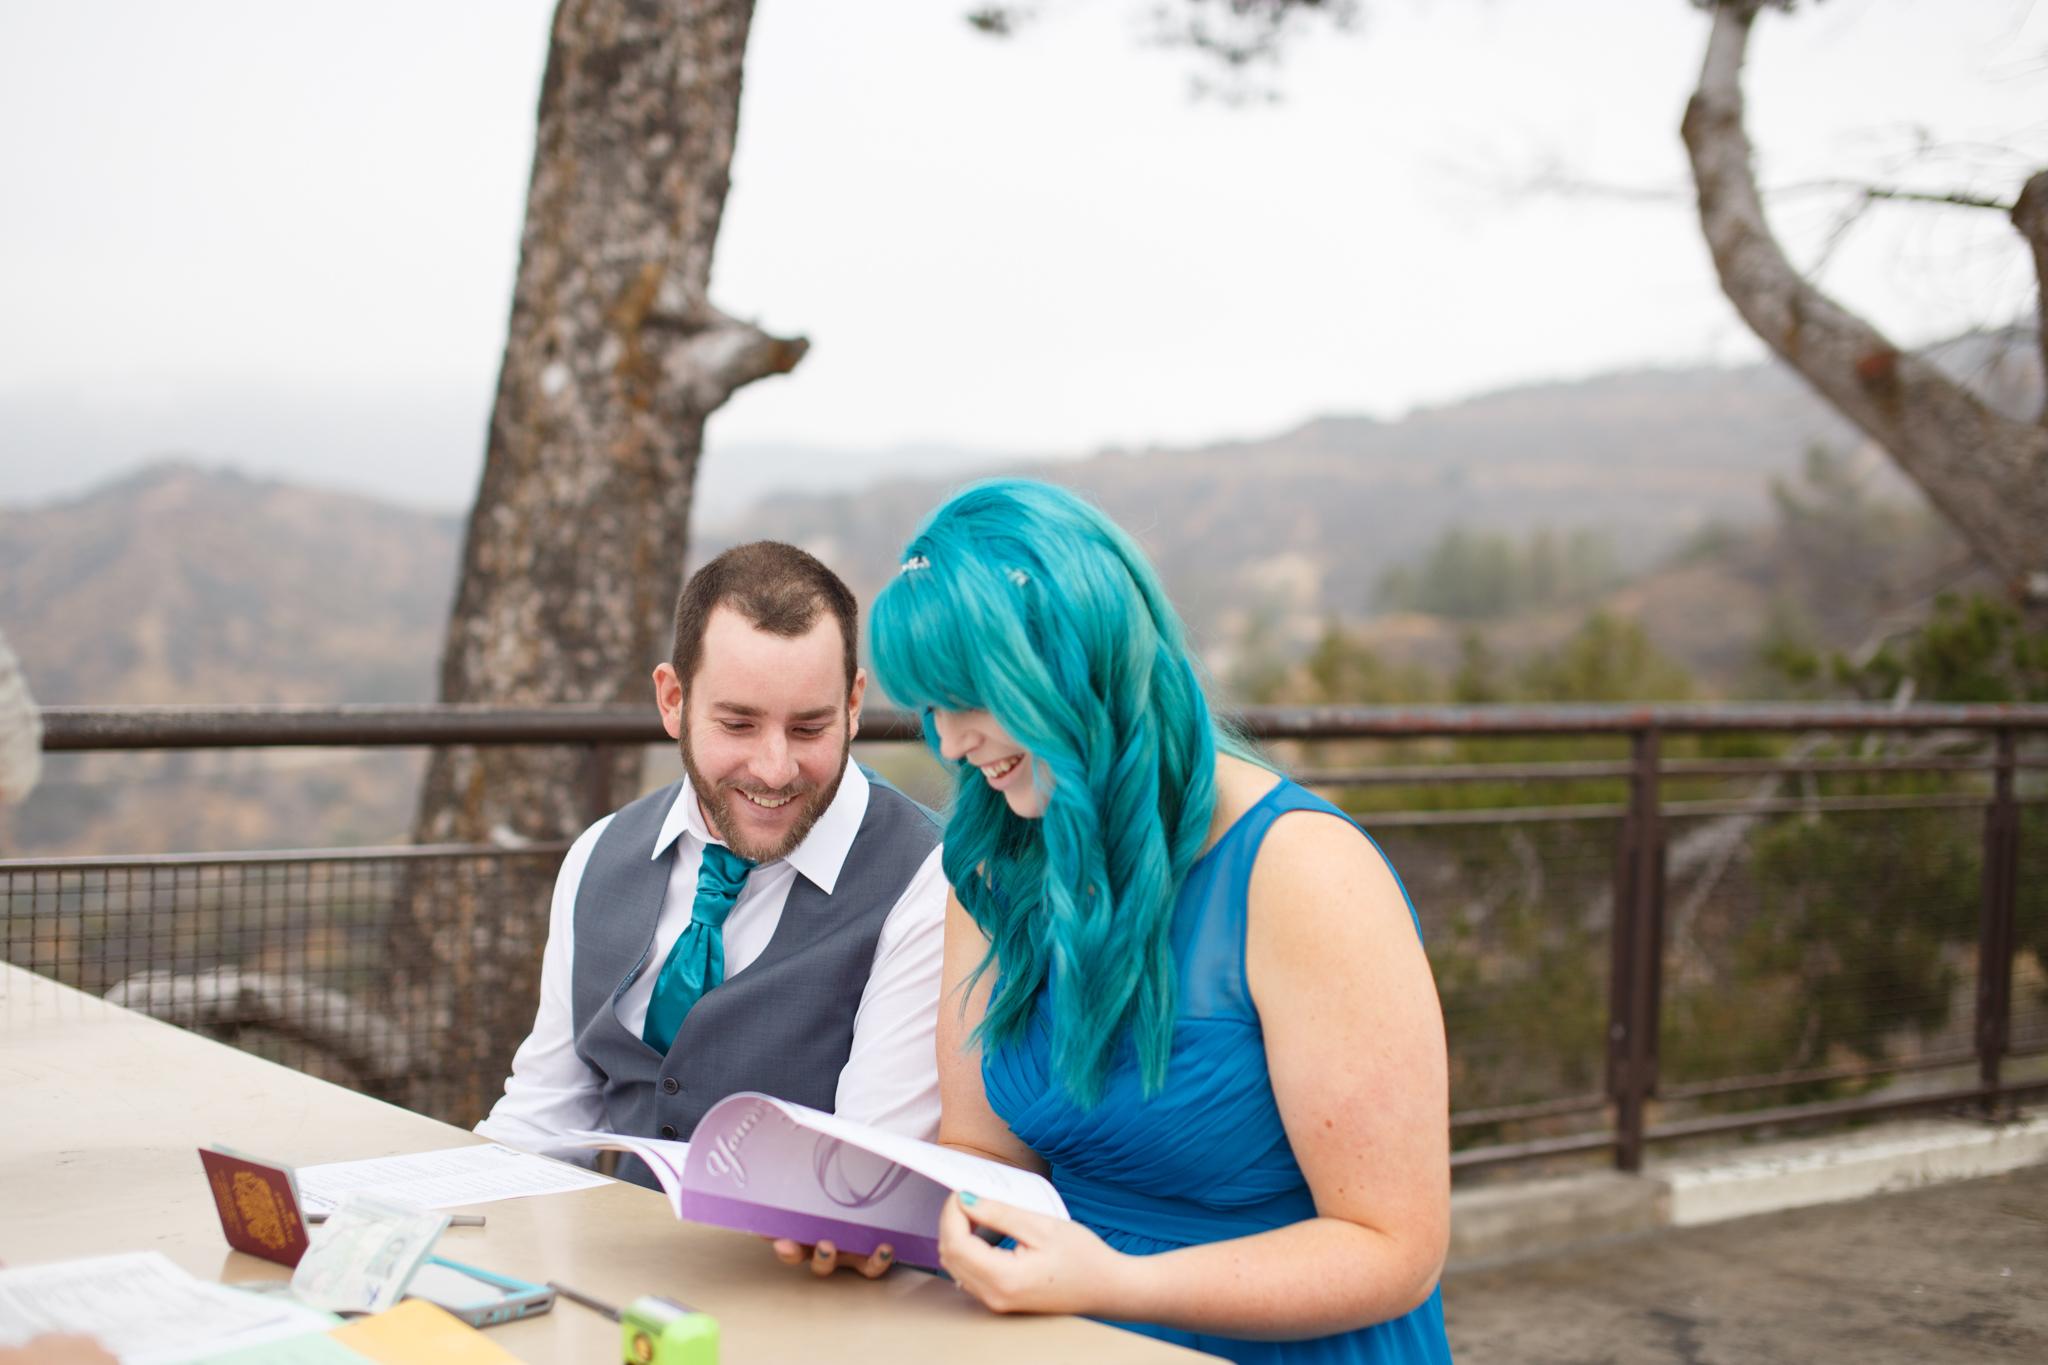 Simon_Rawling_Wedding_Photography0-22.jpg